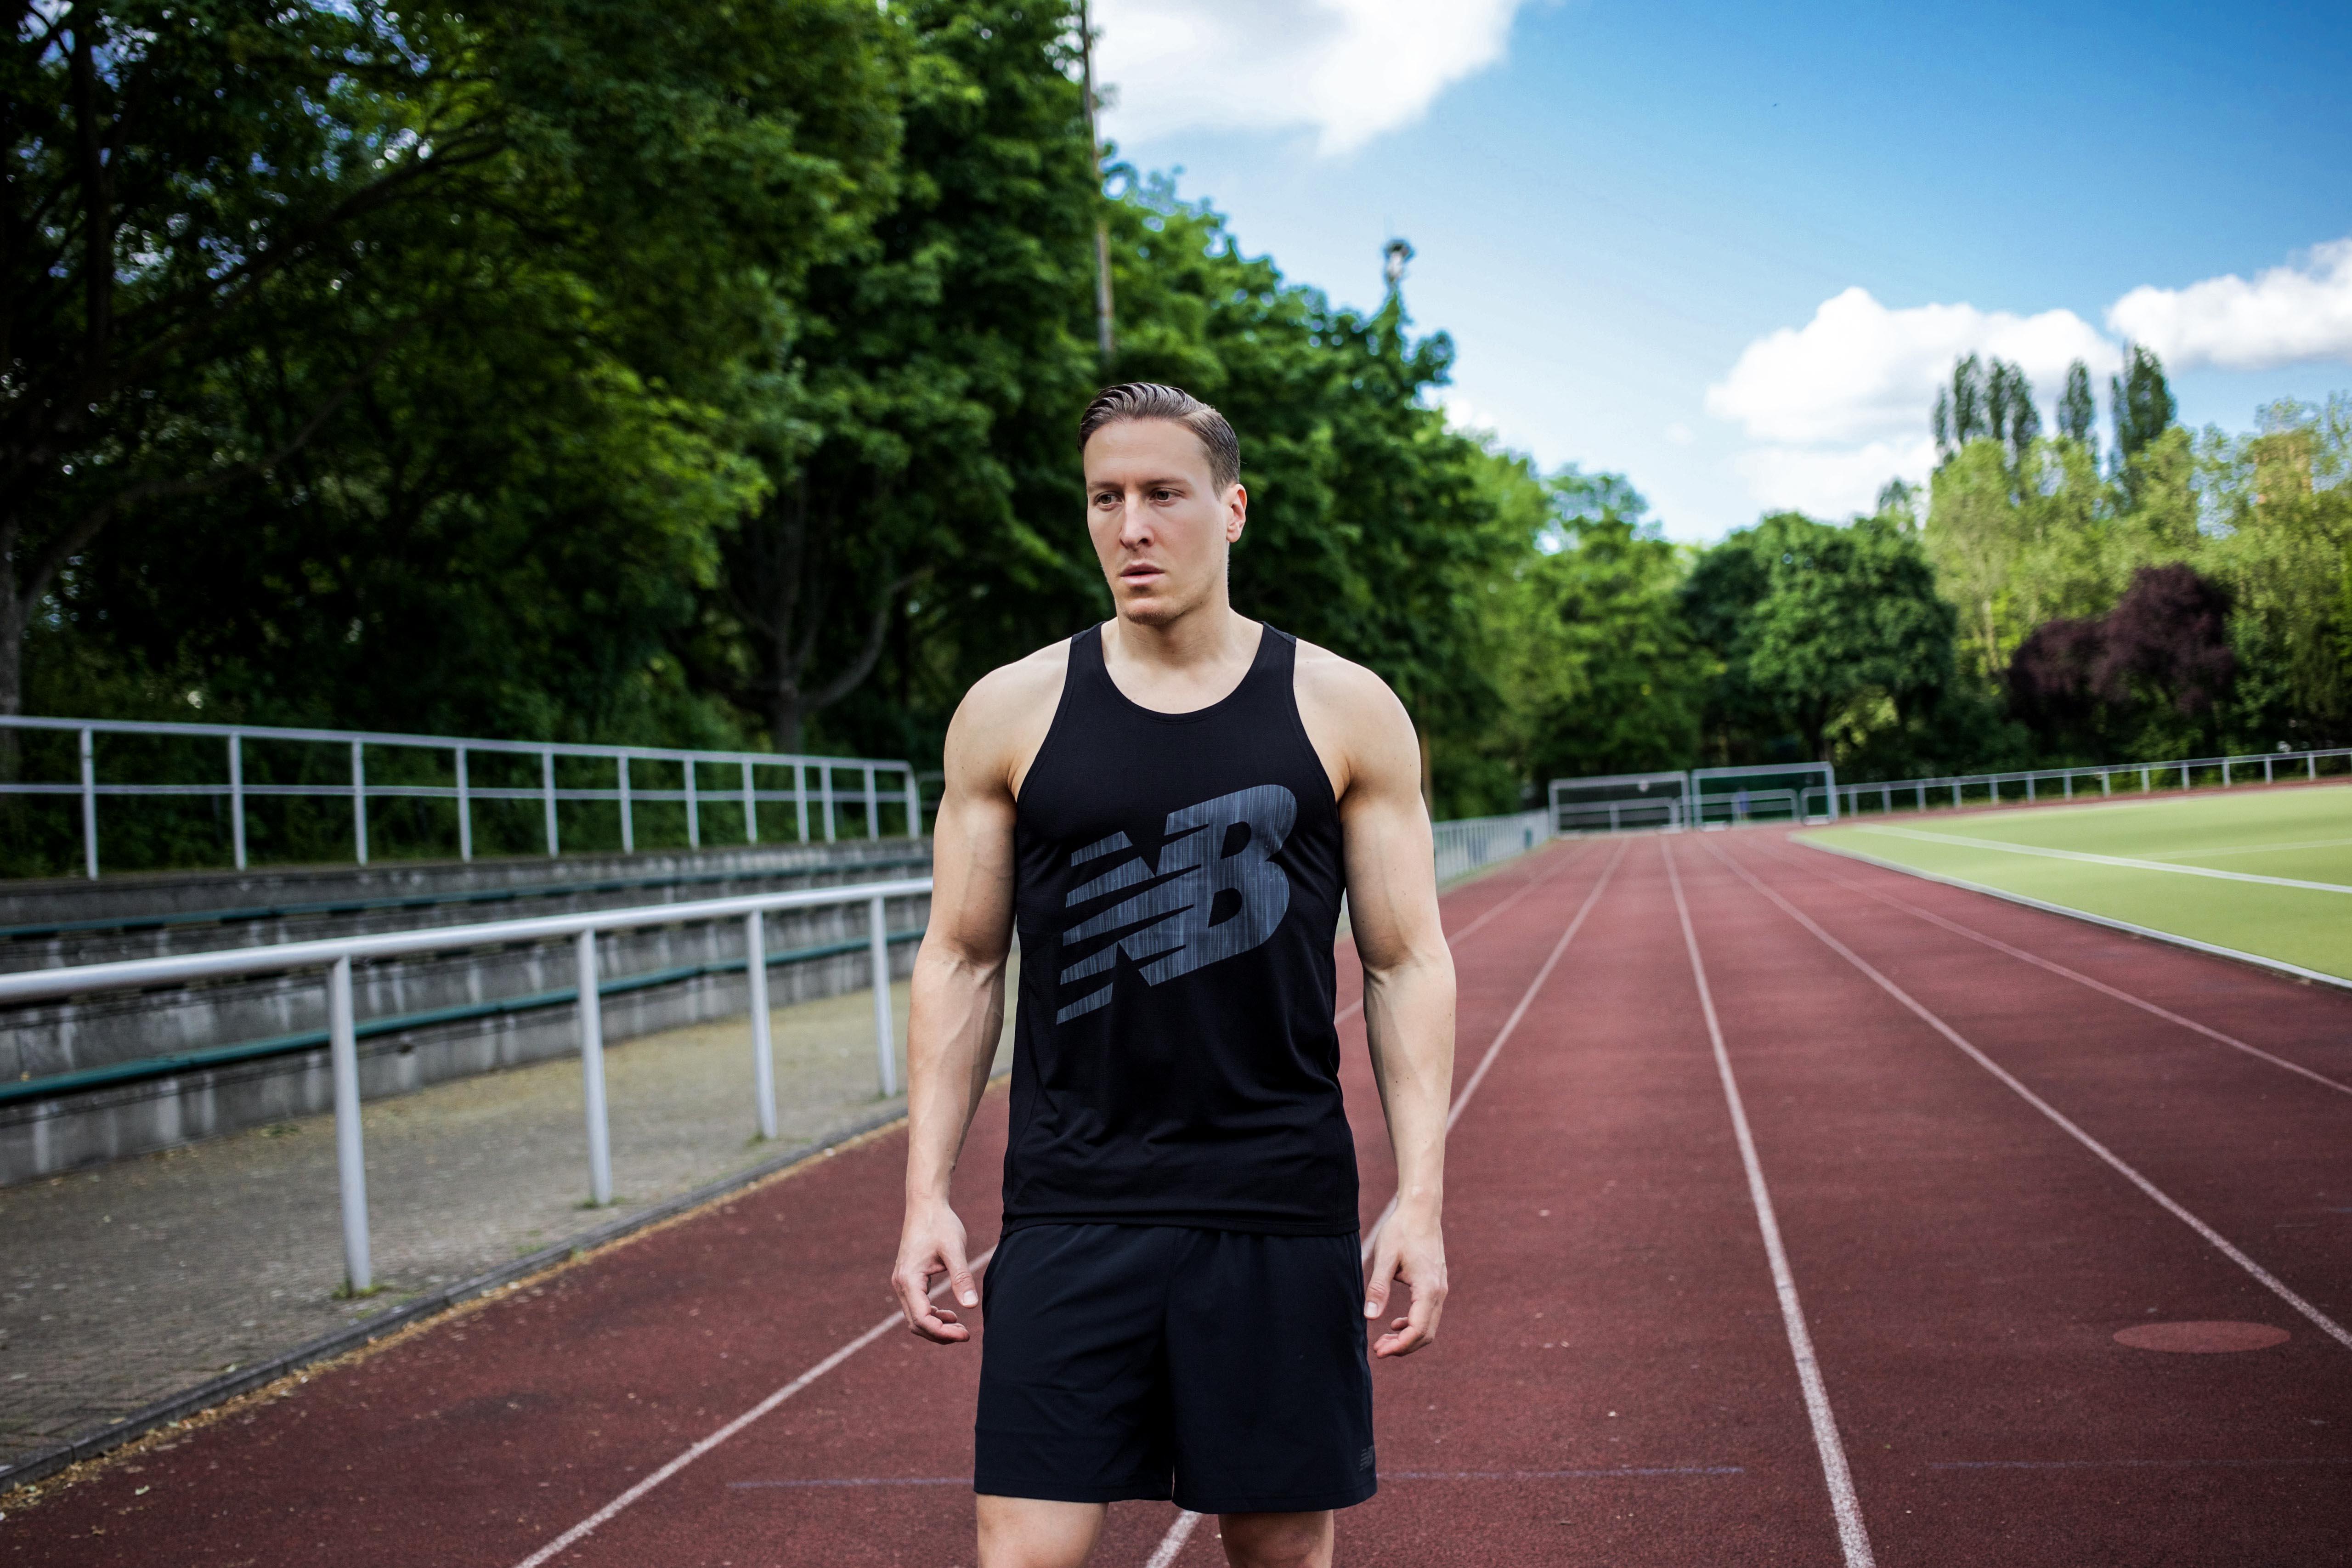 hiit-training-trainingsplan-hochintensives-intervalltraining-vorteile-fitness-sport-ausdauer-abnehmen_6035